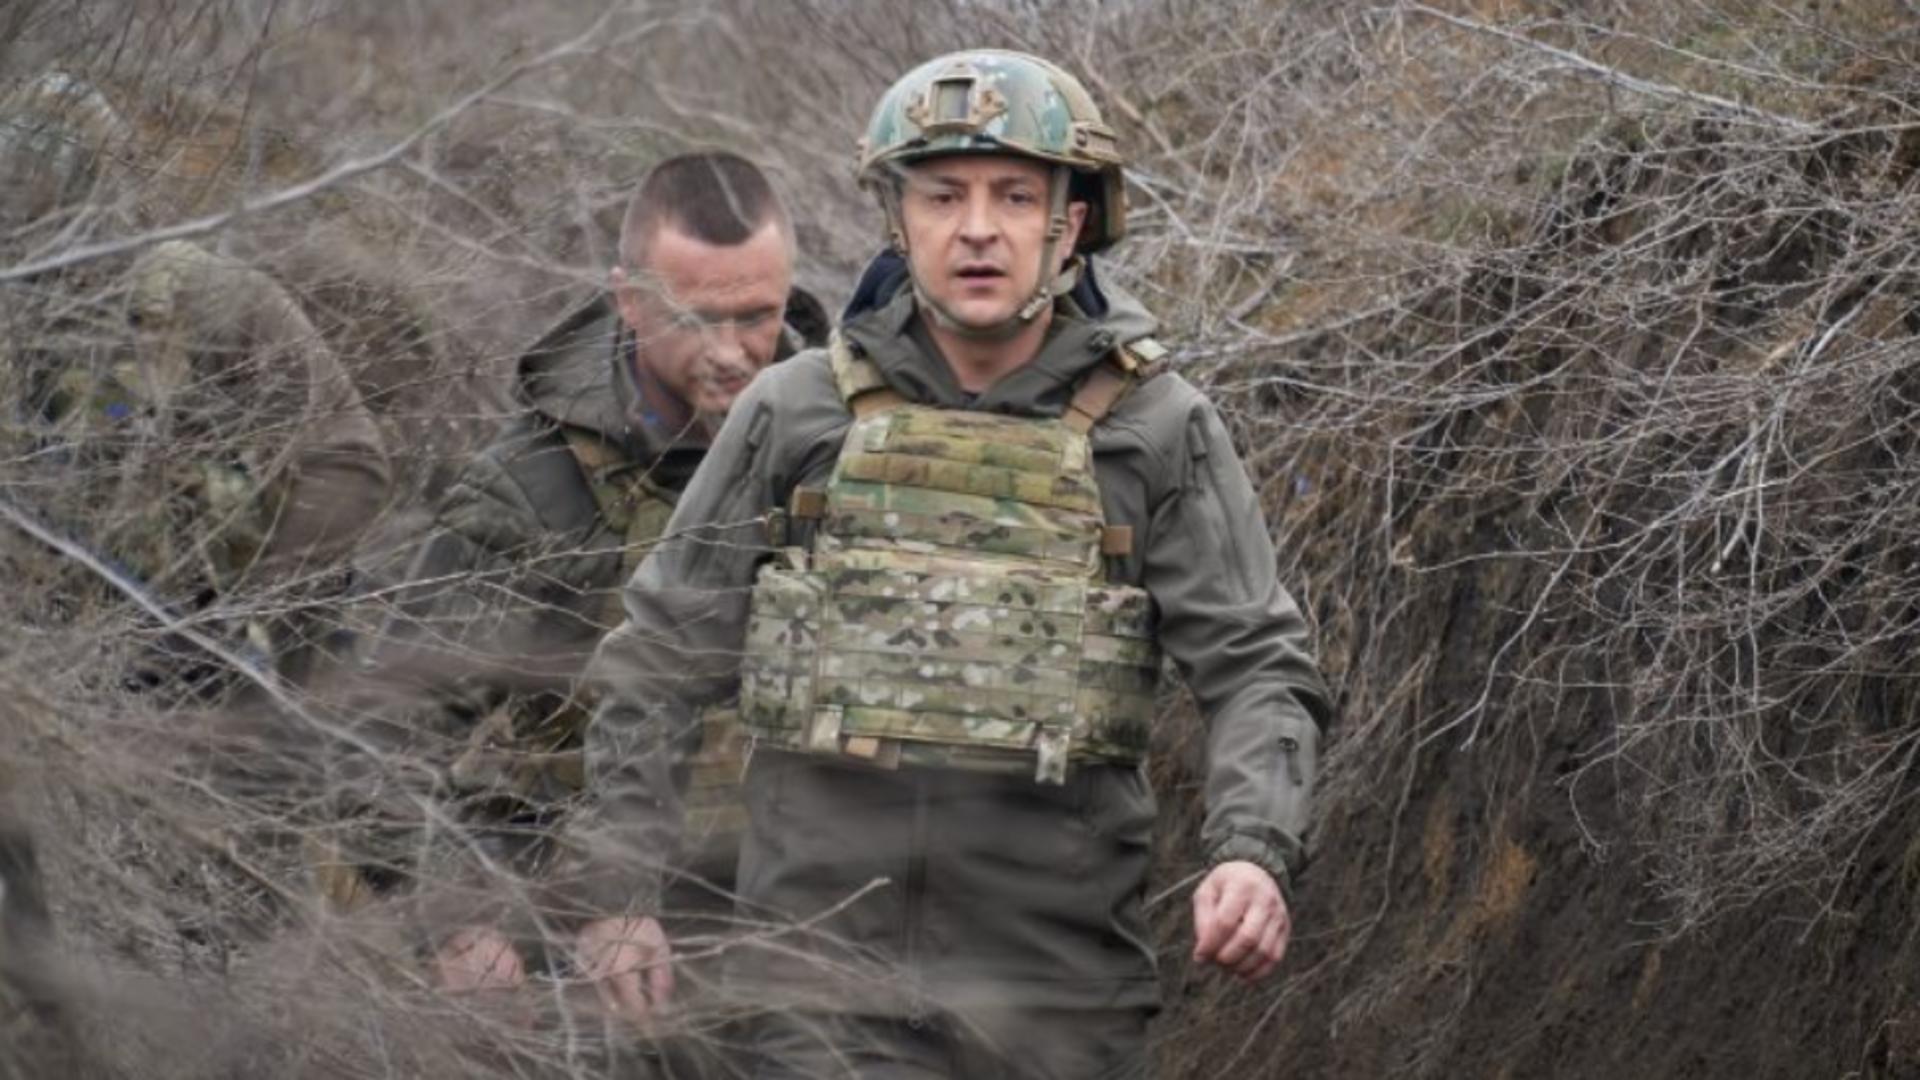 Președintele Zelenski mobilizează rezerviștii din Ucraina în fața desfășurării de forțe rusești Foto: Euractiv. com/EPA/EFE